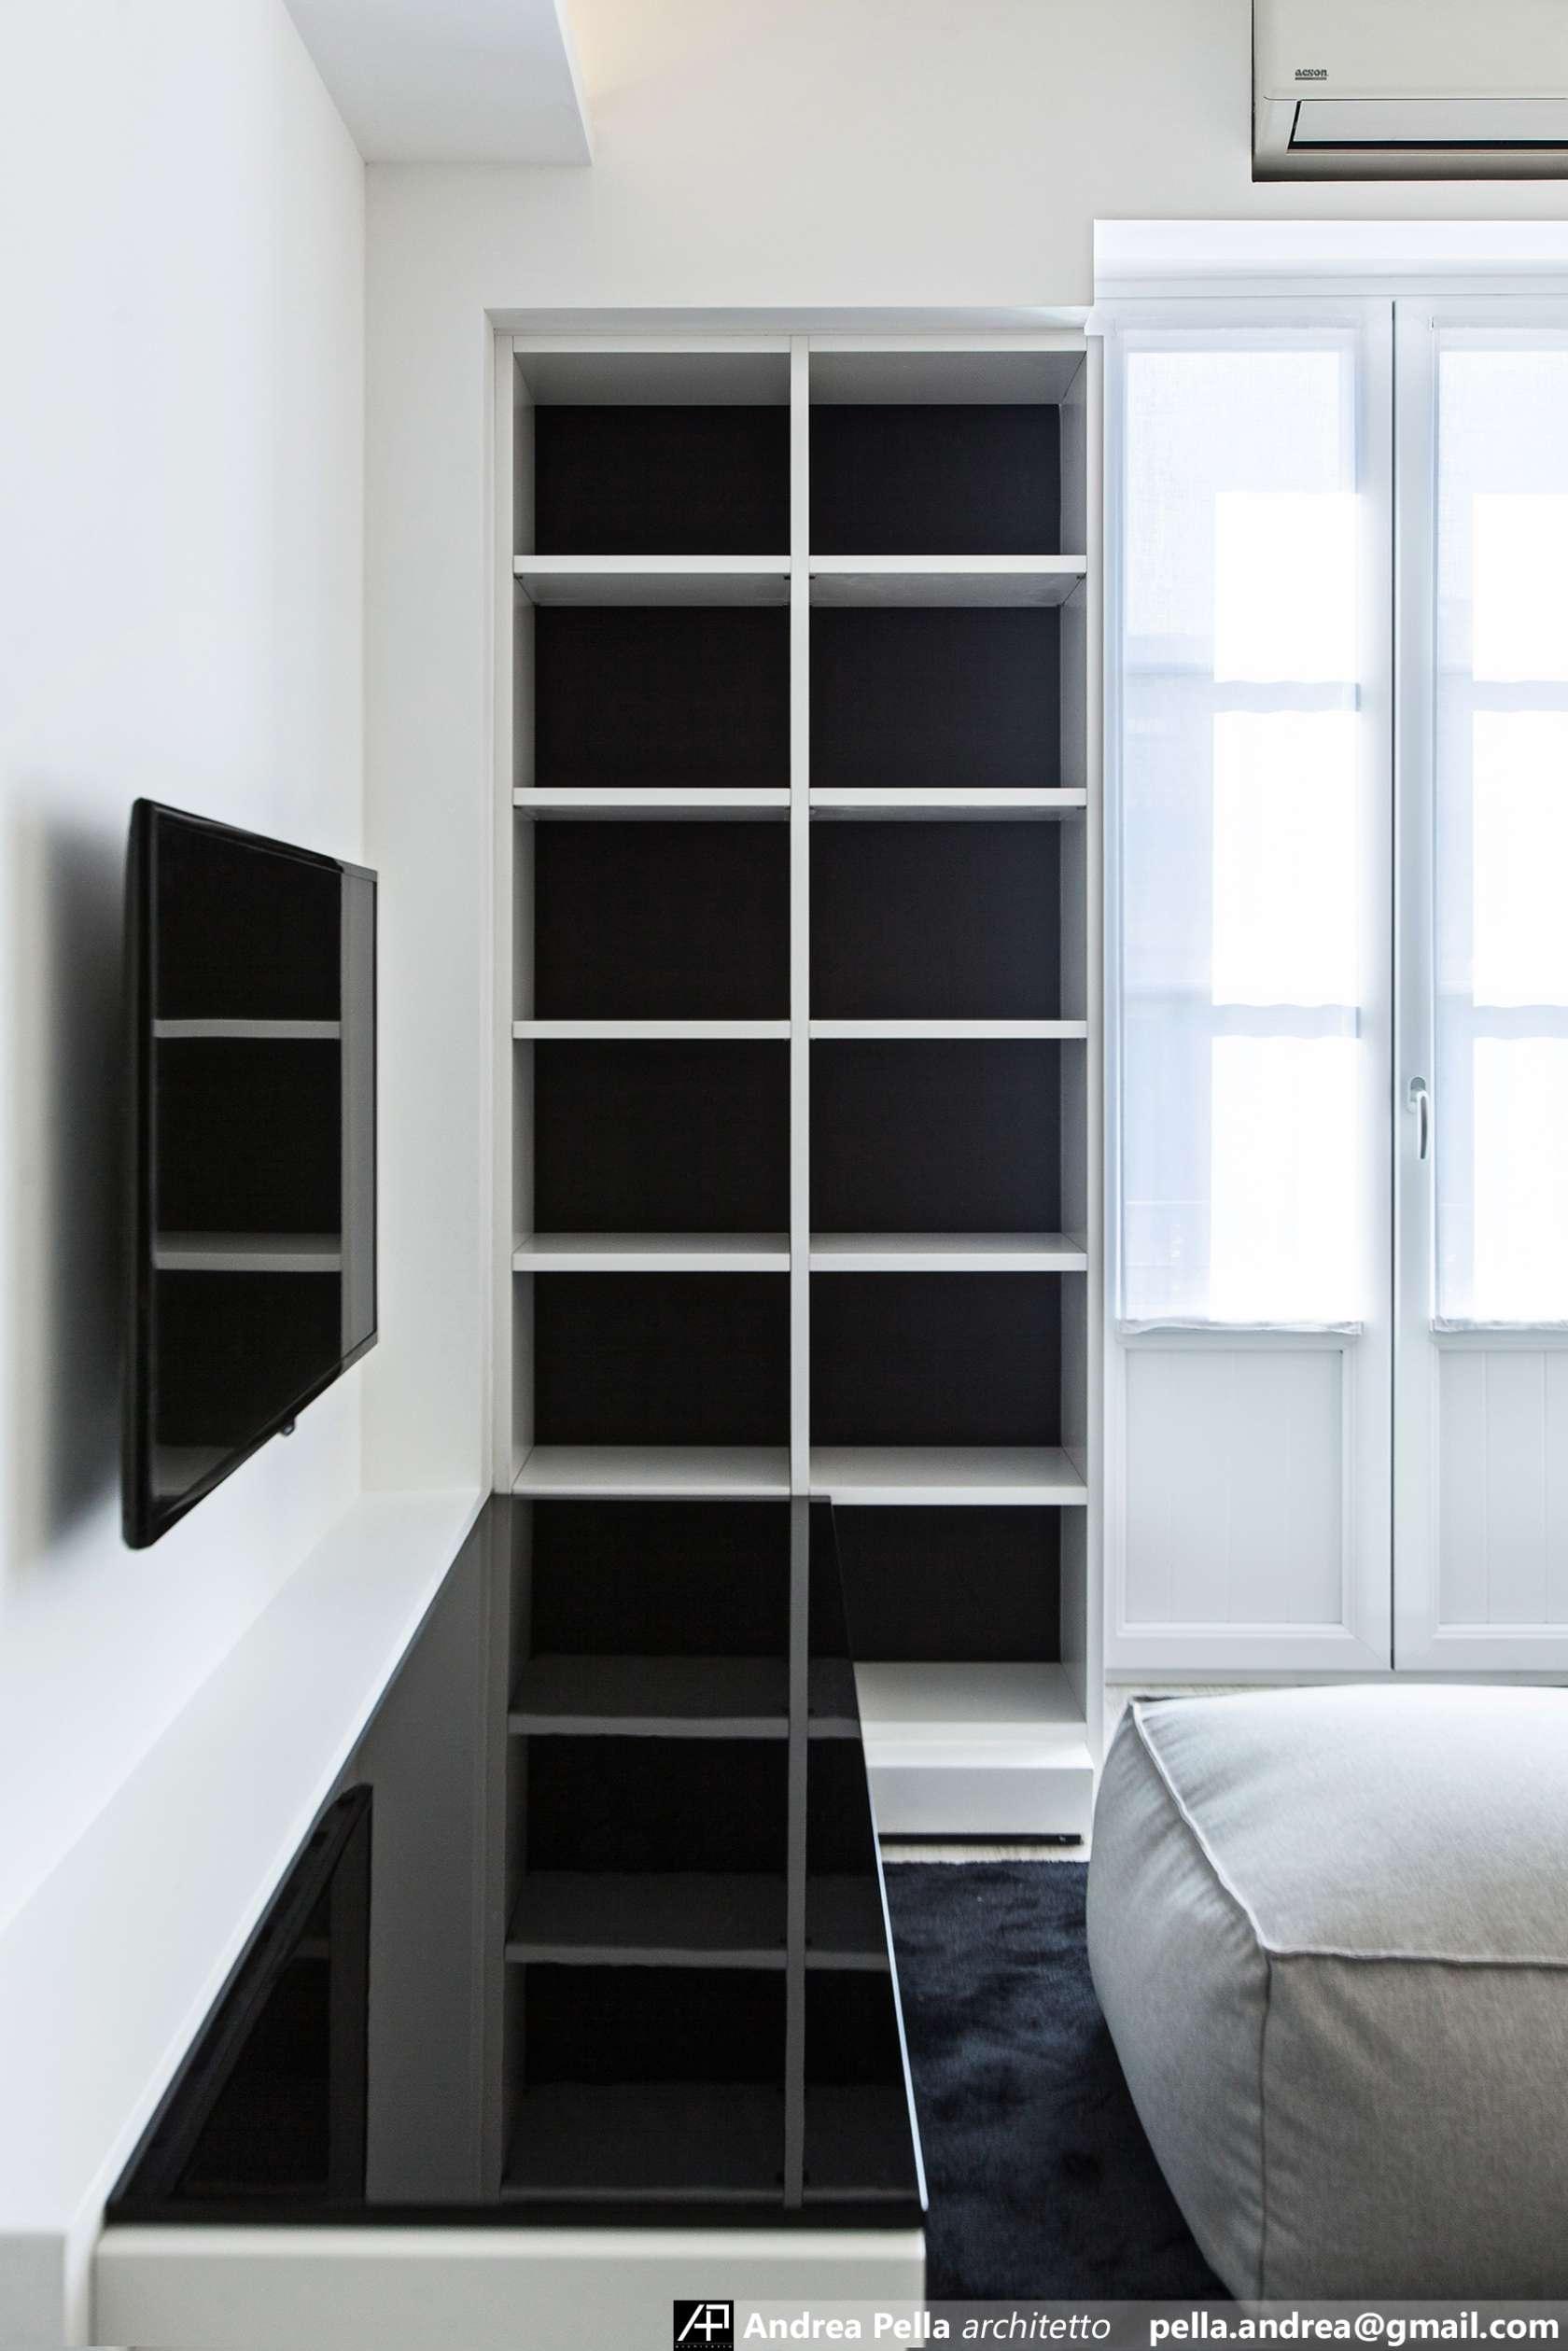 малък апартамент в минималистичен стил - 2